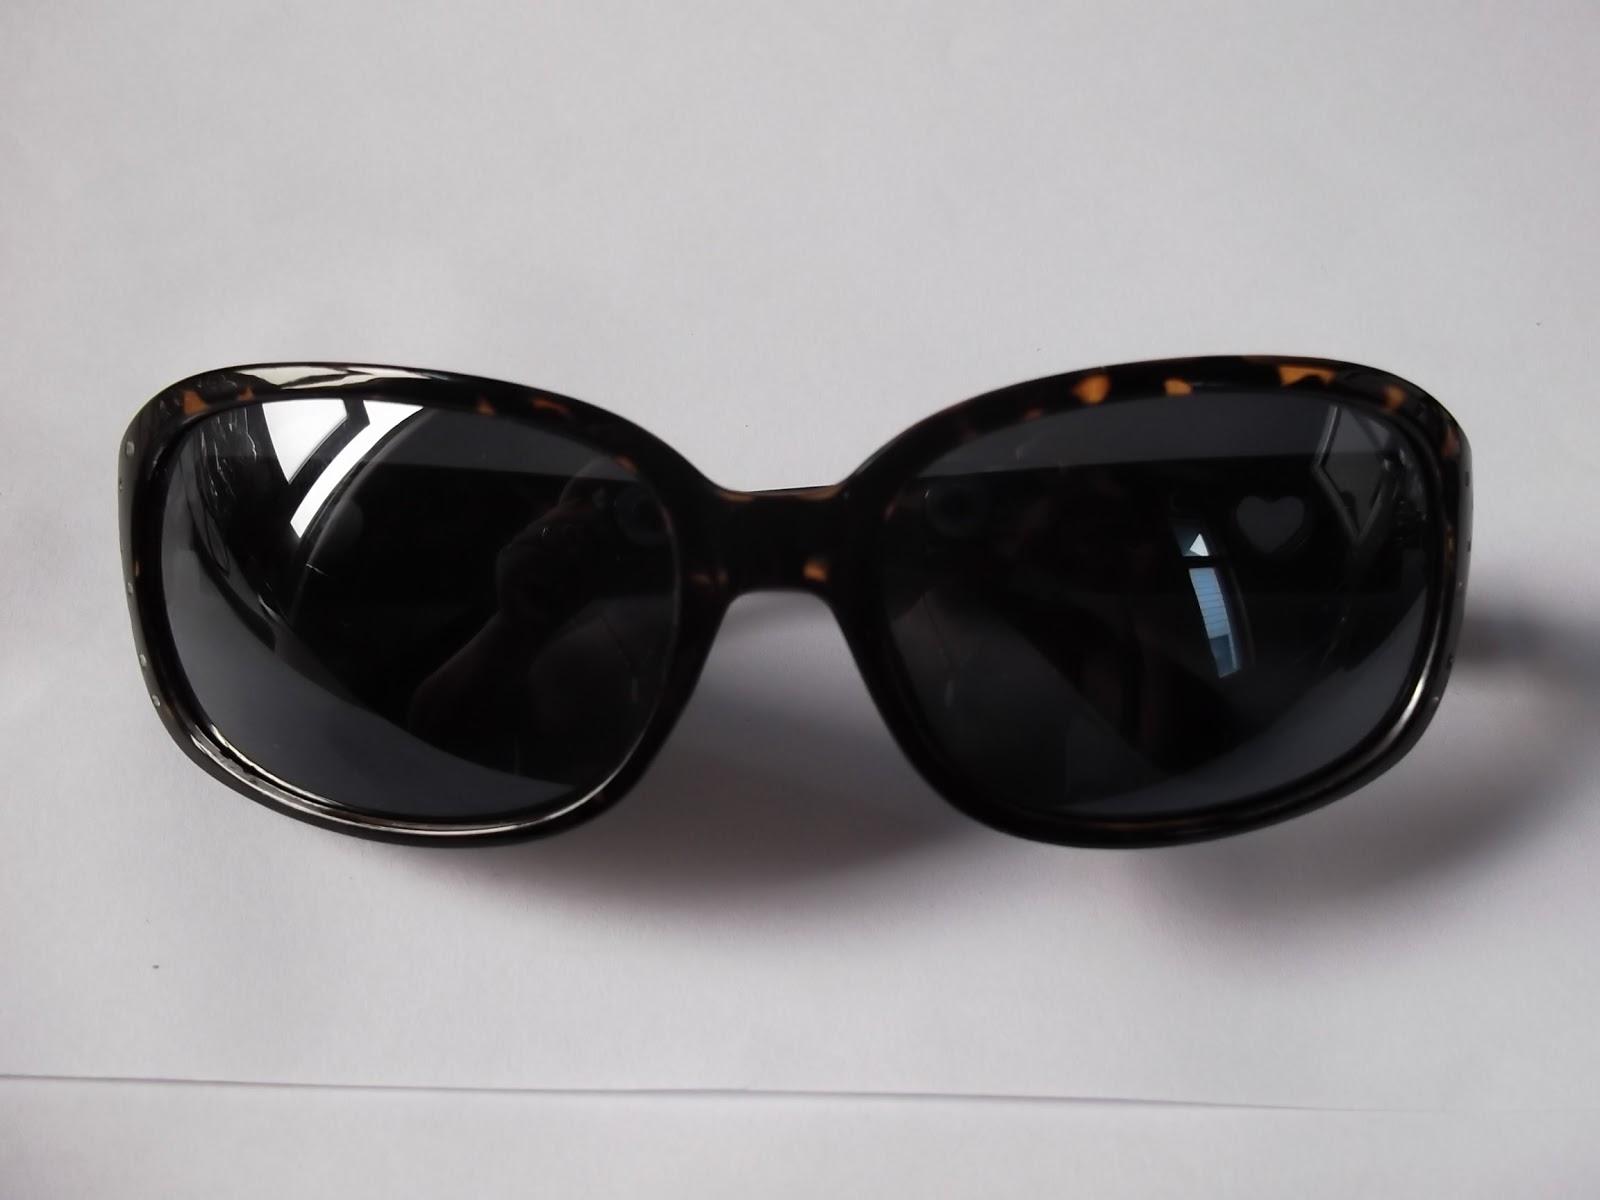 f6e76e7c44 Buy Ray Ban Sunglasses Online In Pakistan 92